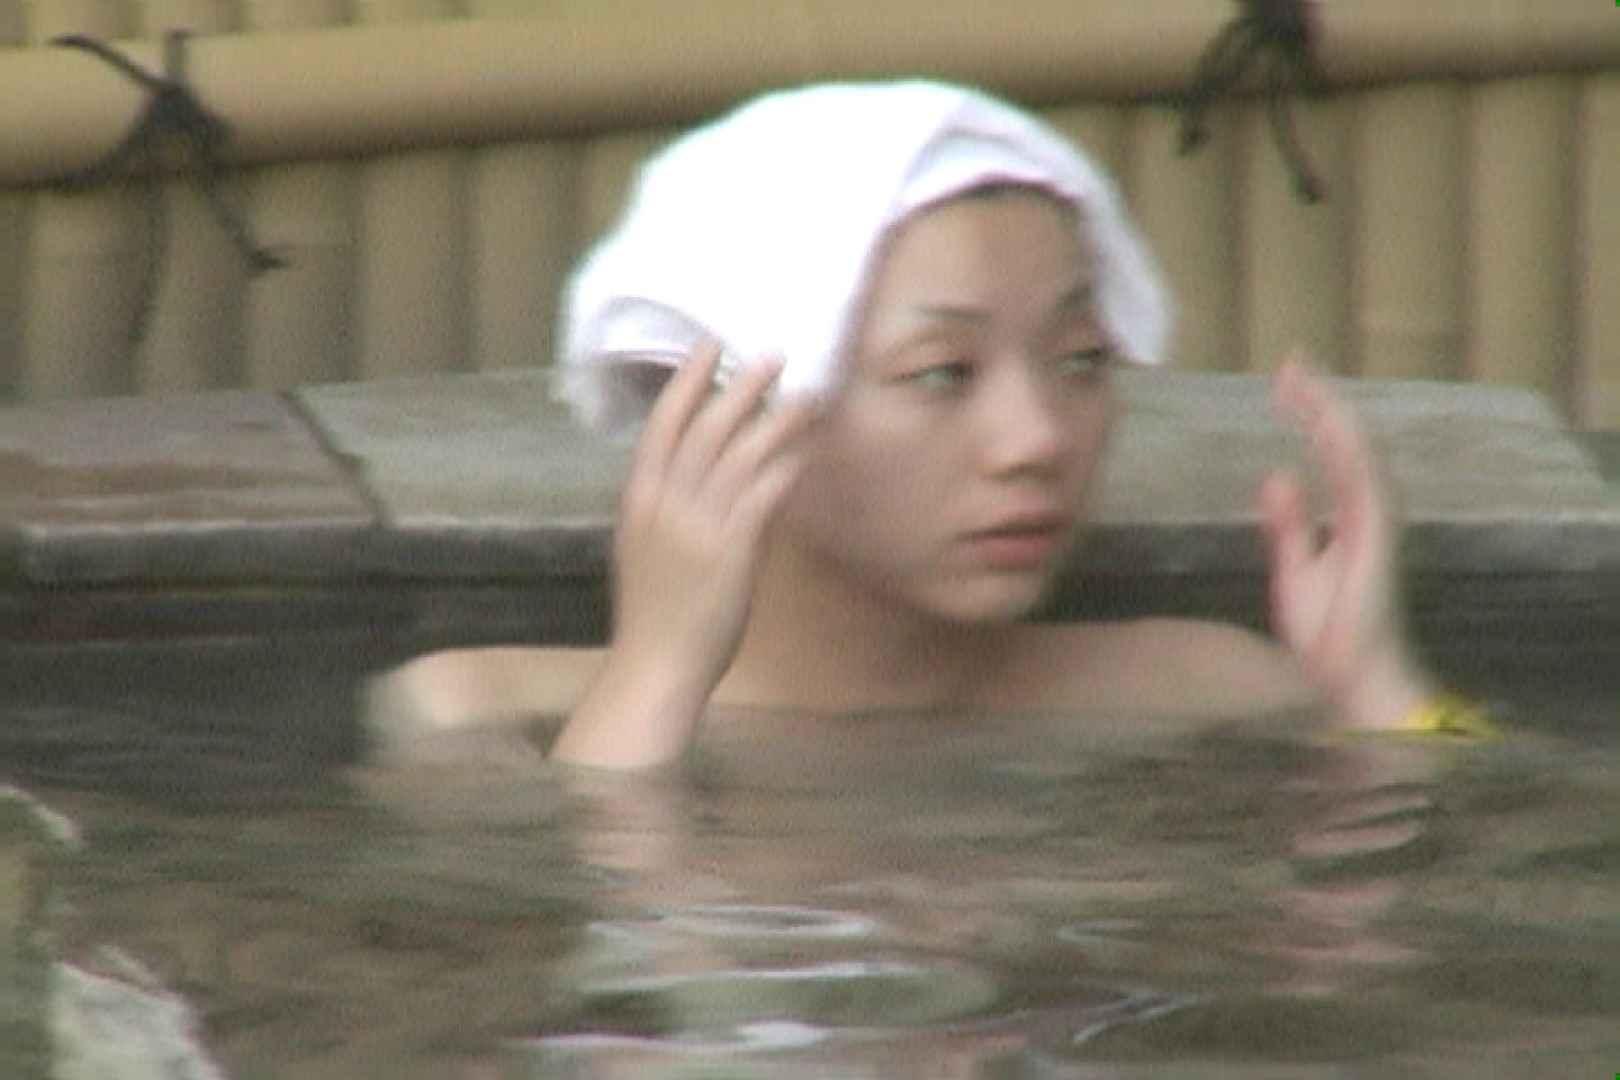 Aquaな露天風呂Vol.630 OLエロ画像  110PICs 6